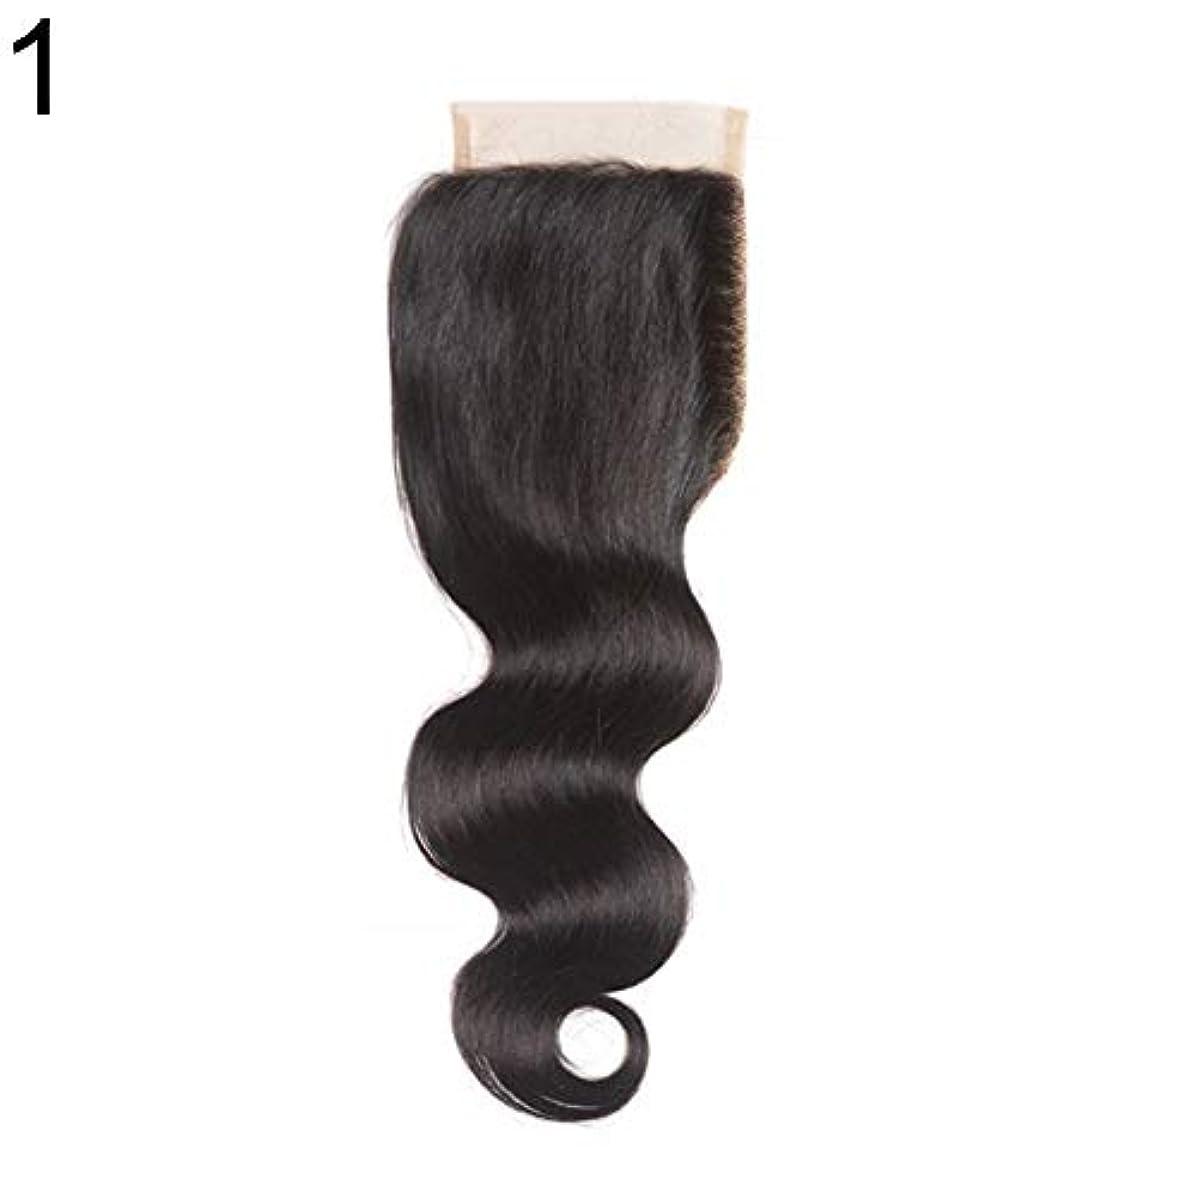 文句を言う分泌する誘惑するslQinjiansav女性ウィッグ修理ツールブラジルのミドル/フリー/3部人間の髪のレース閉鎖ウィッグ黒ヘアピース